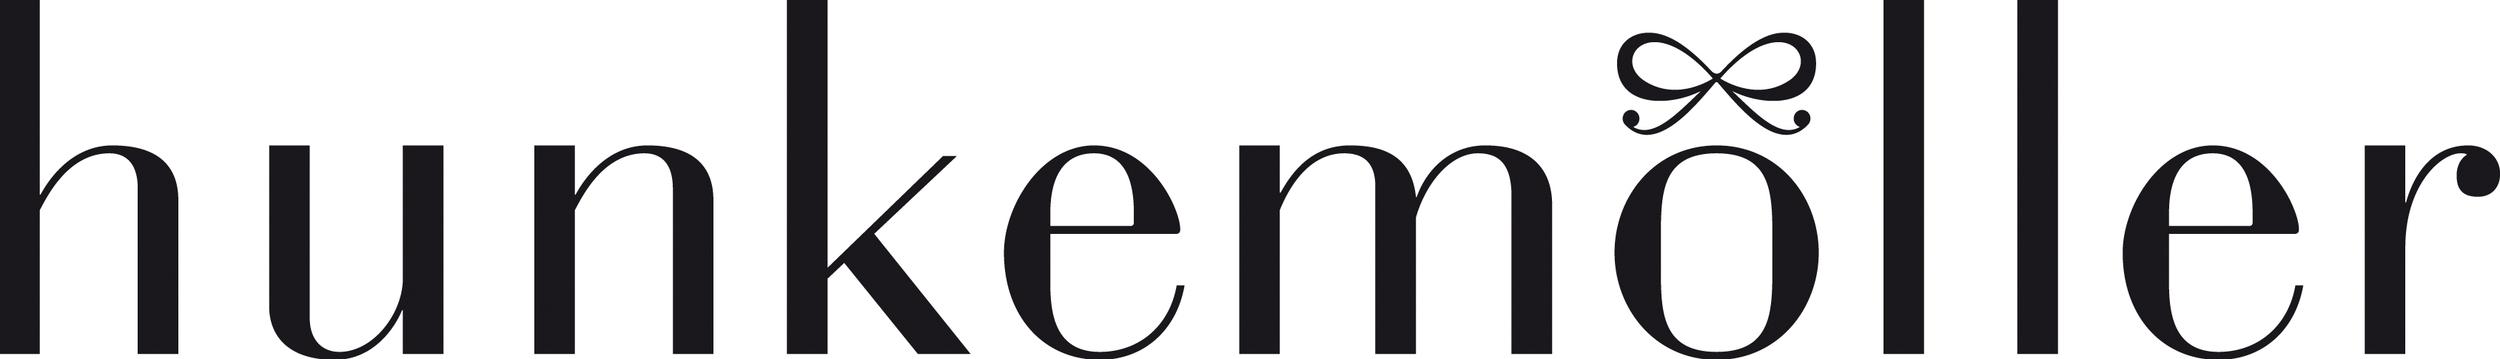 logo hunkemoller.jpg